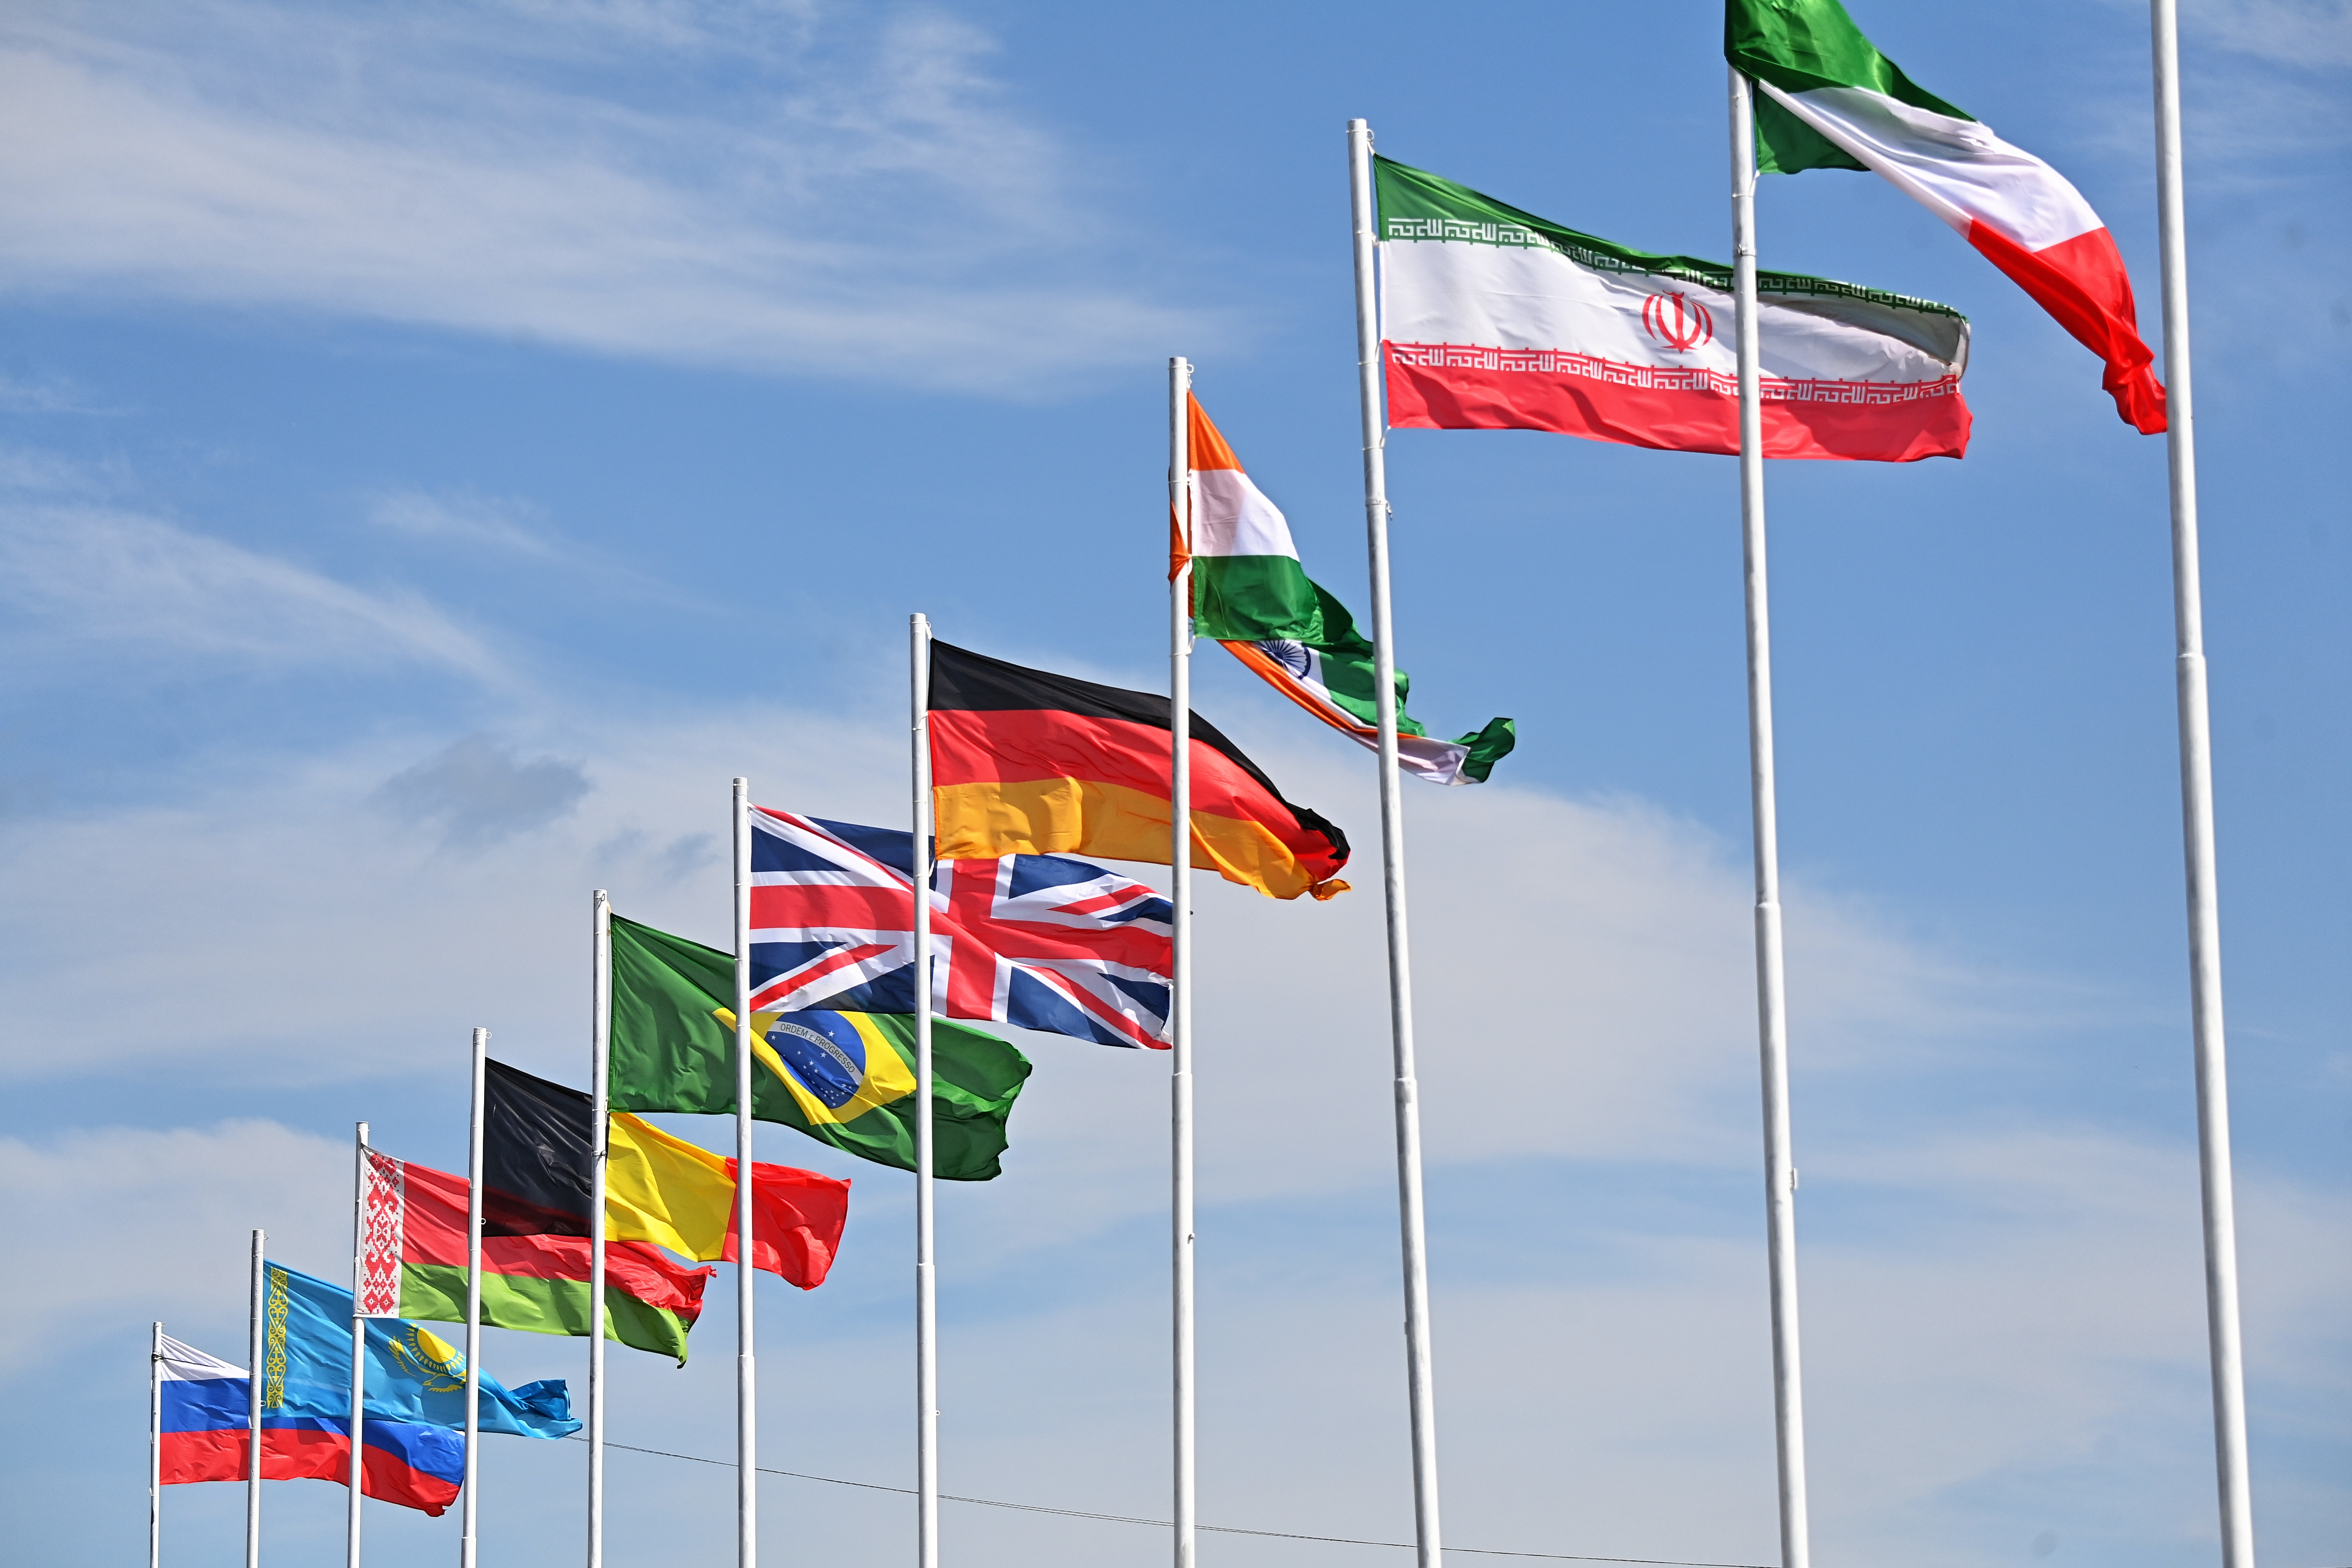 Клуб «Валдай» проведёт презентацию доклада о переосмыслении глобального партнёрства в эпоху неопределённости